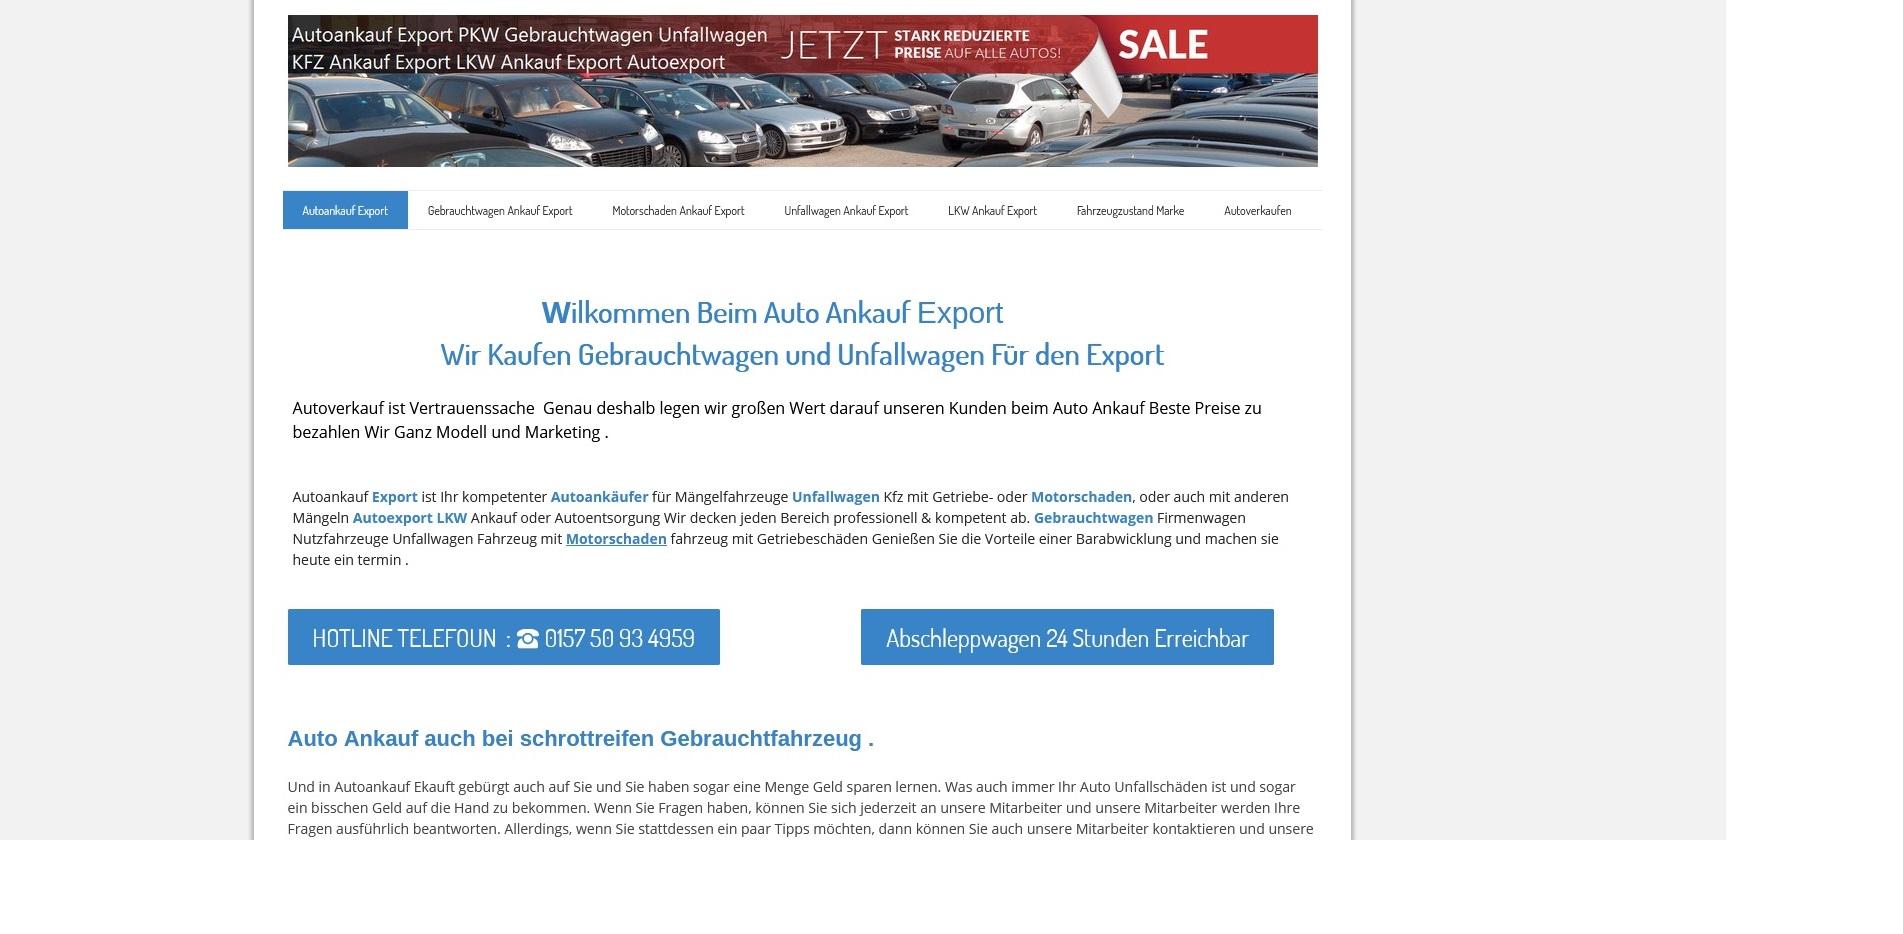 autoankauf bremerhaven ihr kompetenter partner in sachen autoankauf - Autoankauf Bremerhaven – Ihr kompetenter Partner in Sachen Autoankauf